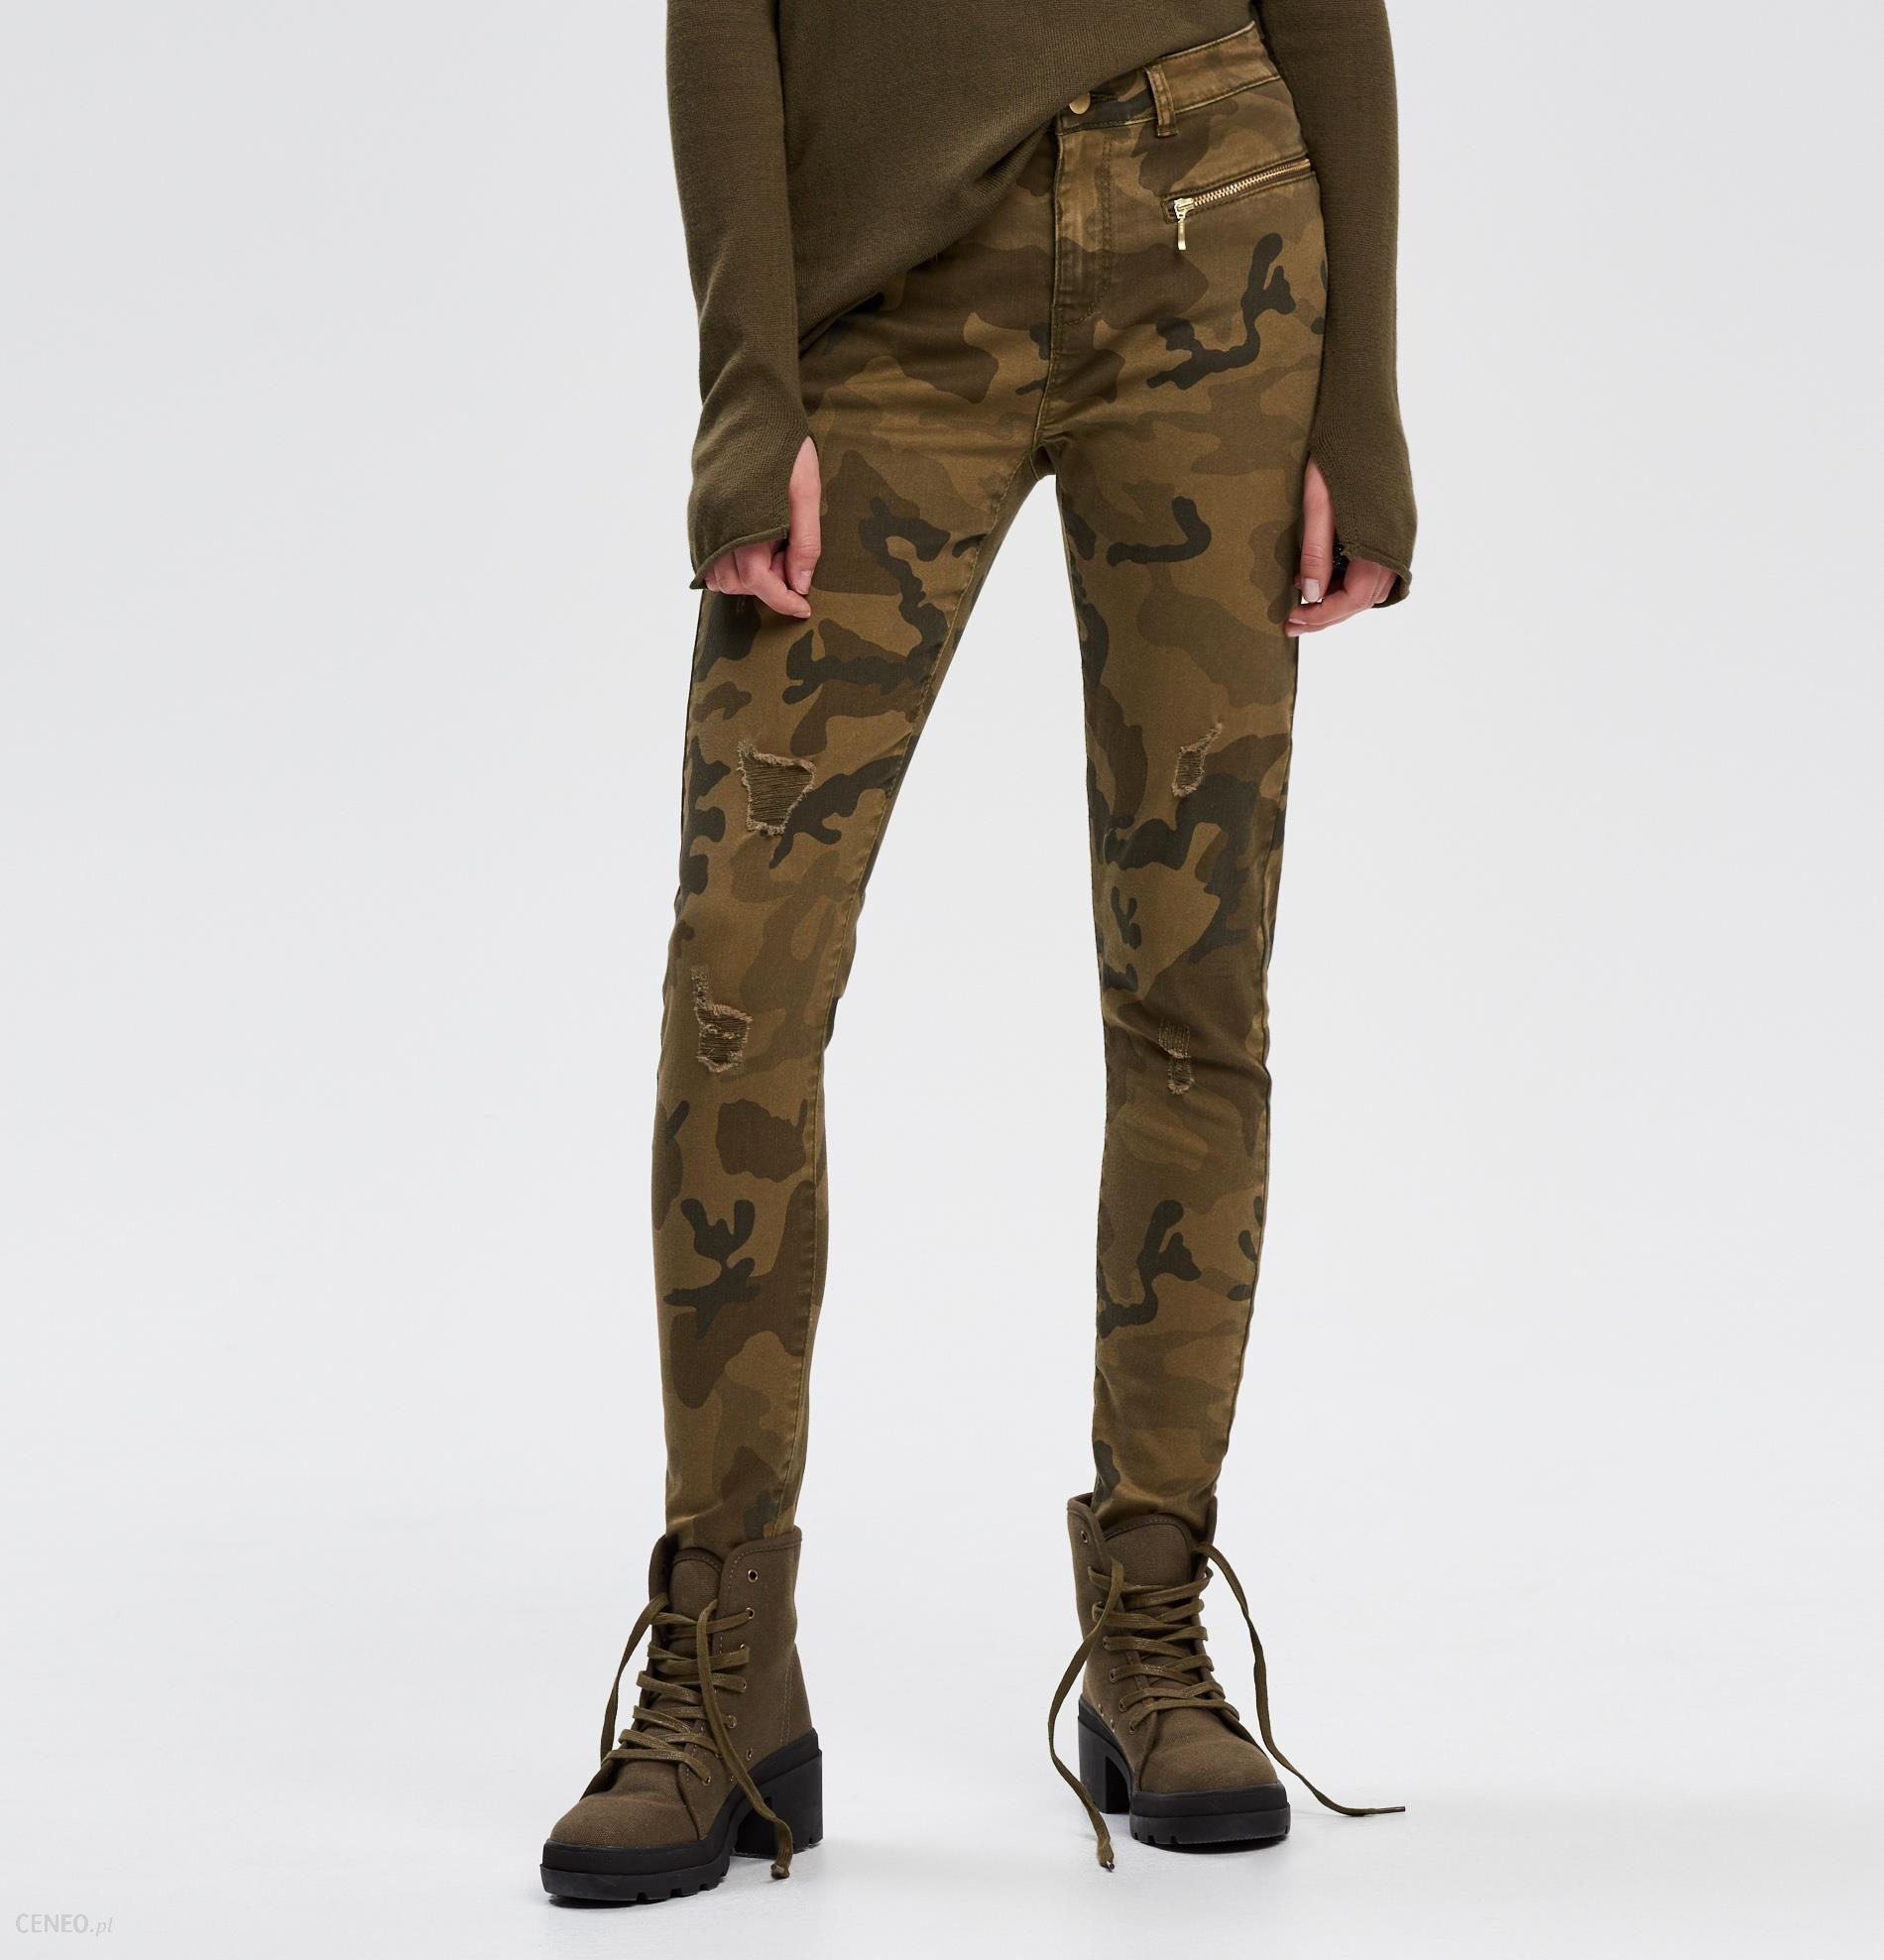 90f64205a24fc7 Cropp - Spodnie moro - Zielony - damska - Ceny i opinie - Ceneo.pl